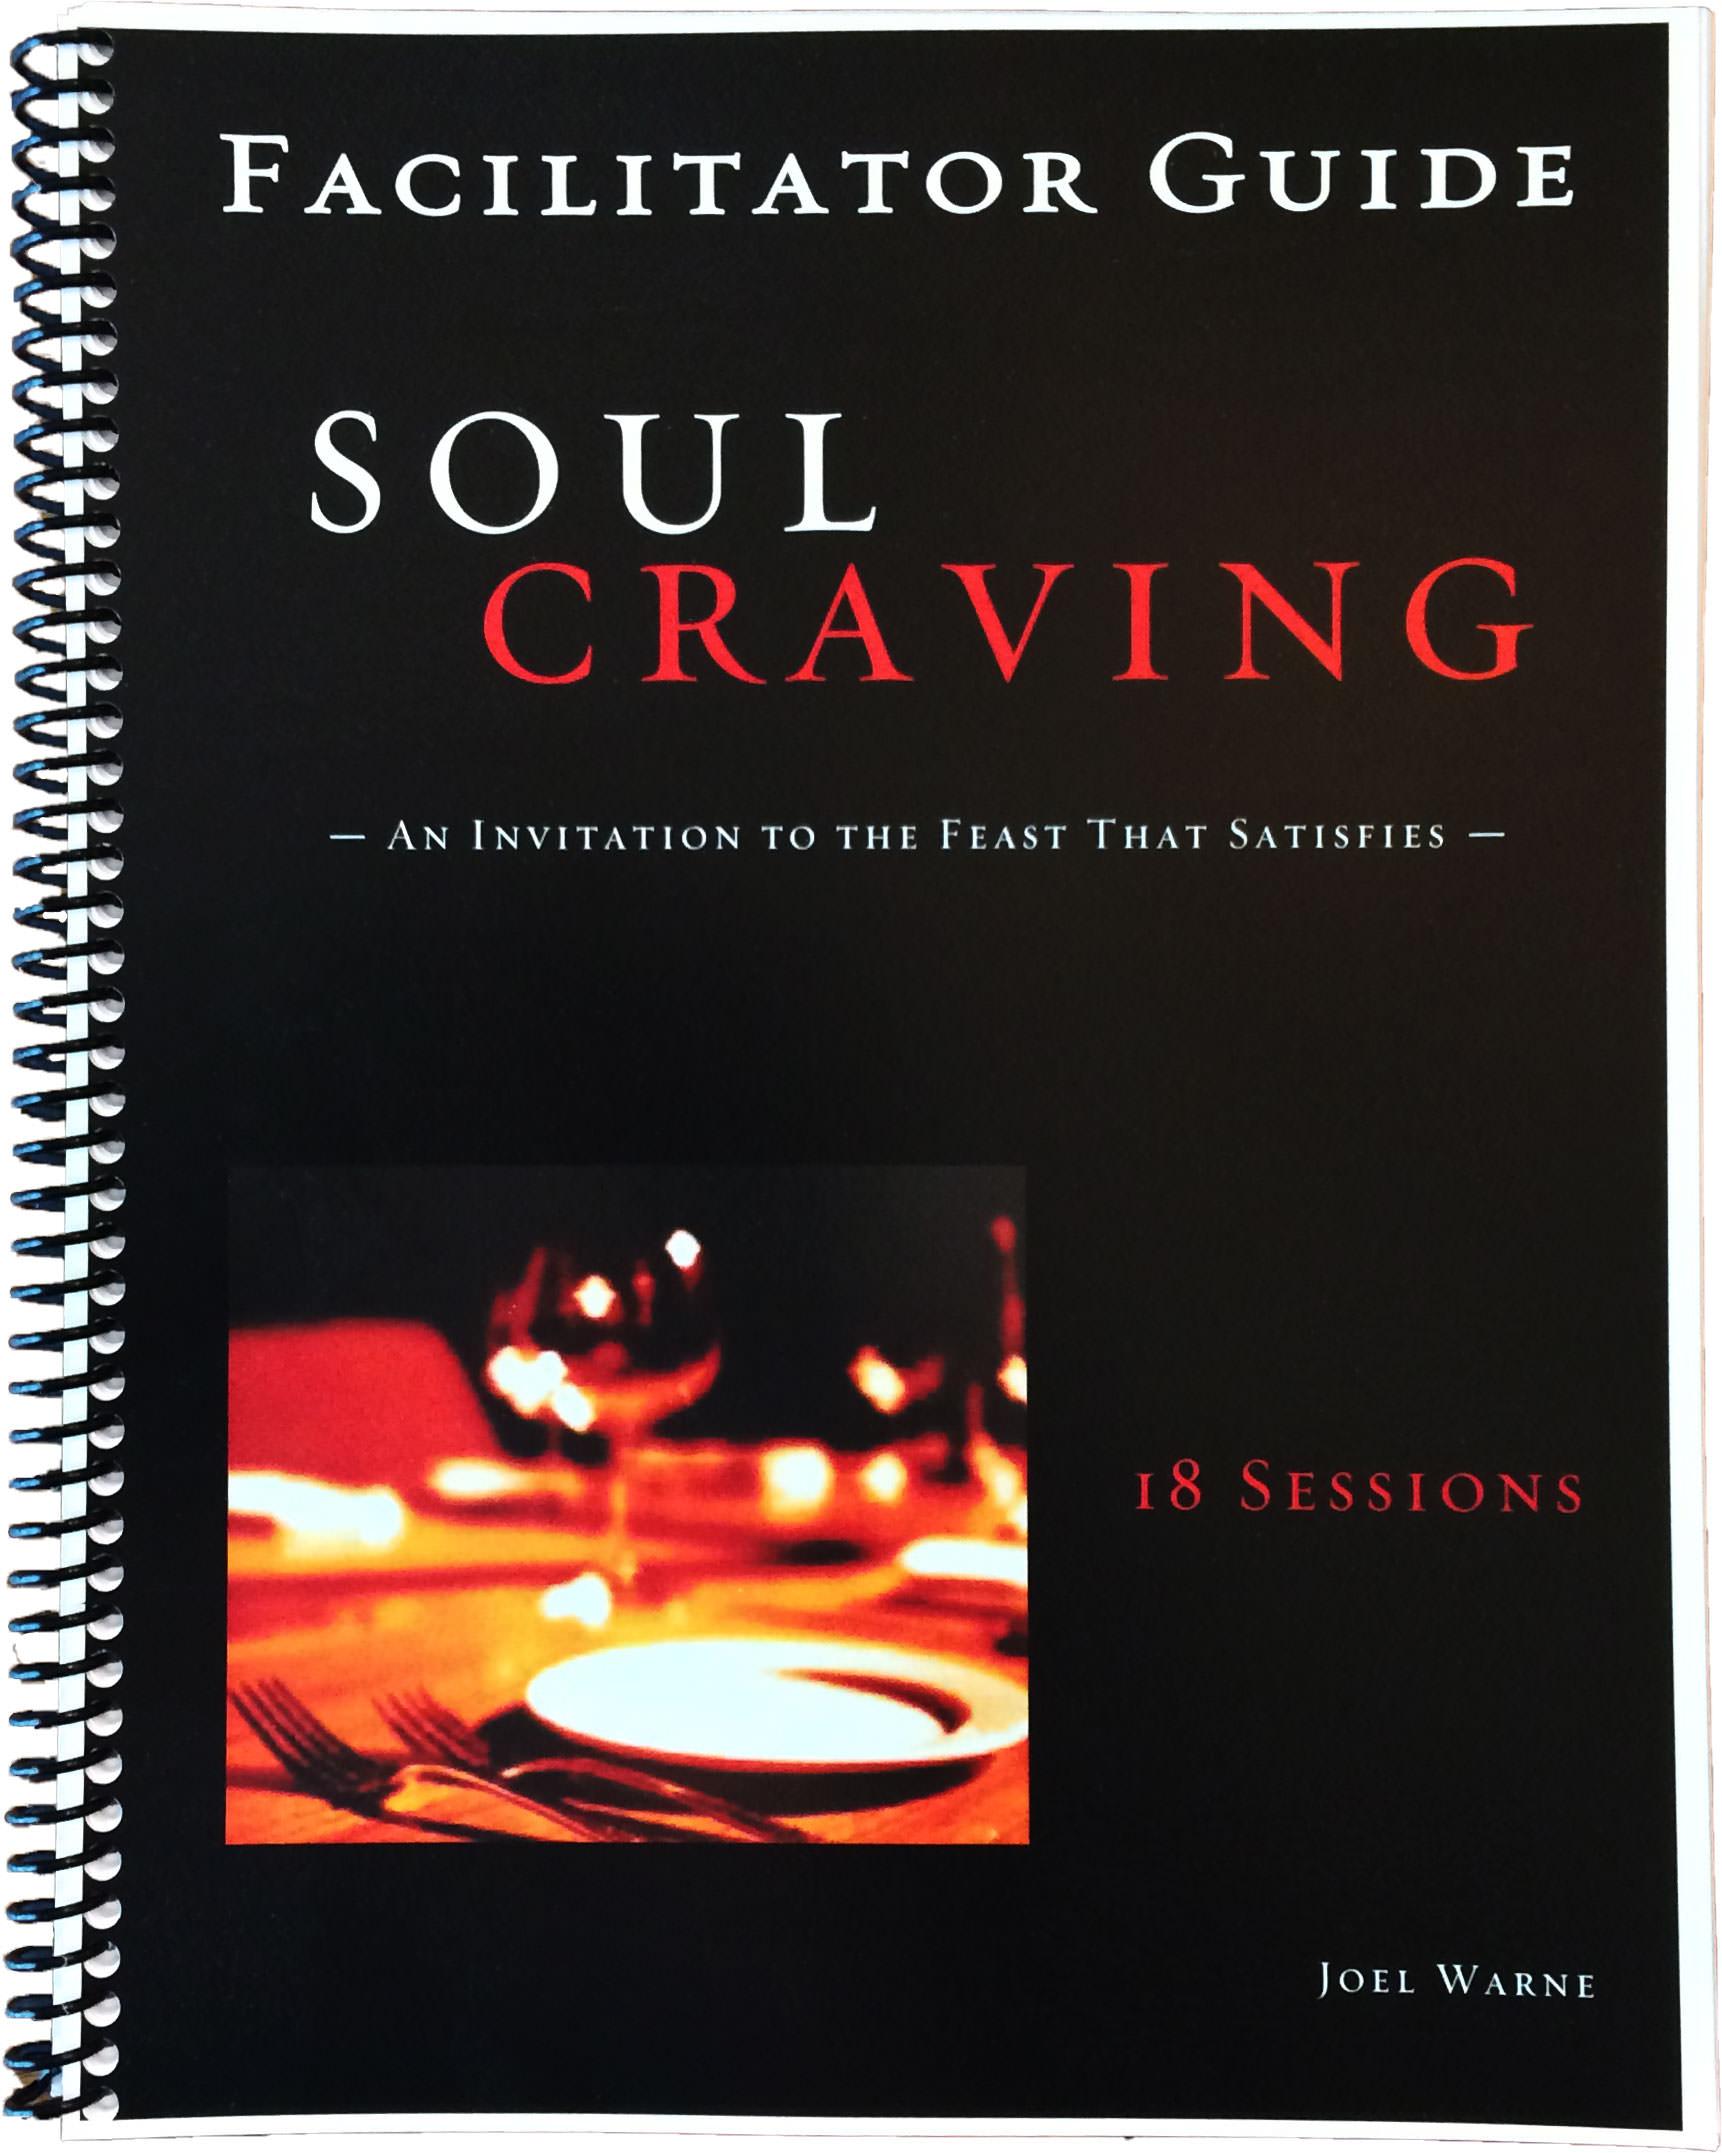 soul-craving-facilitator-guide